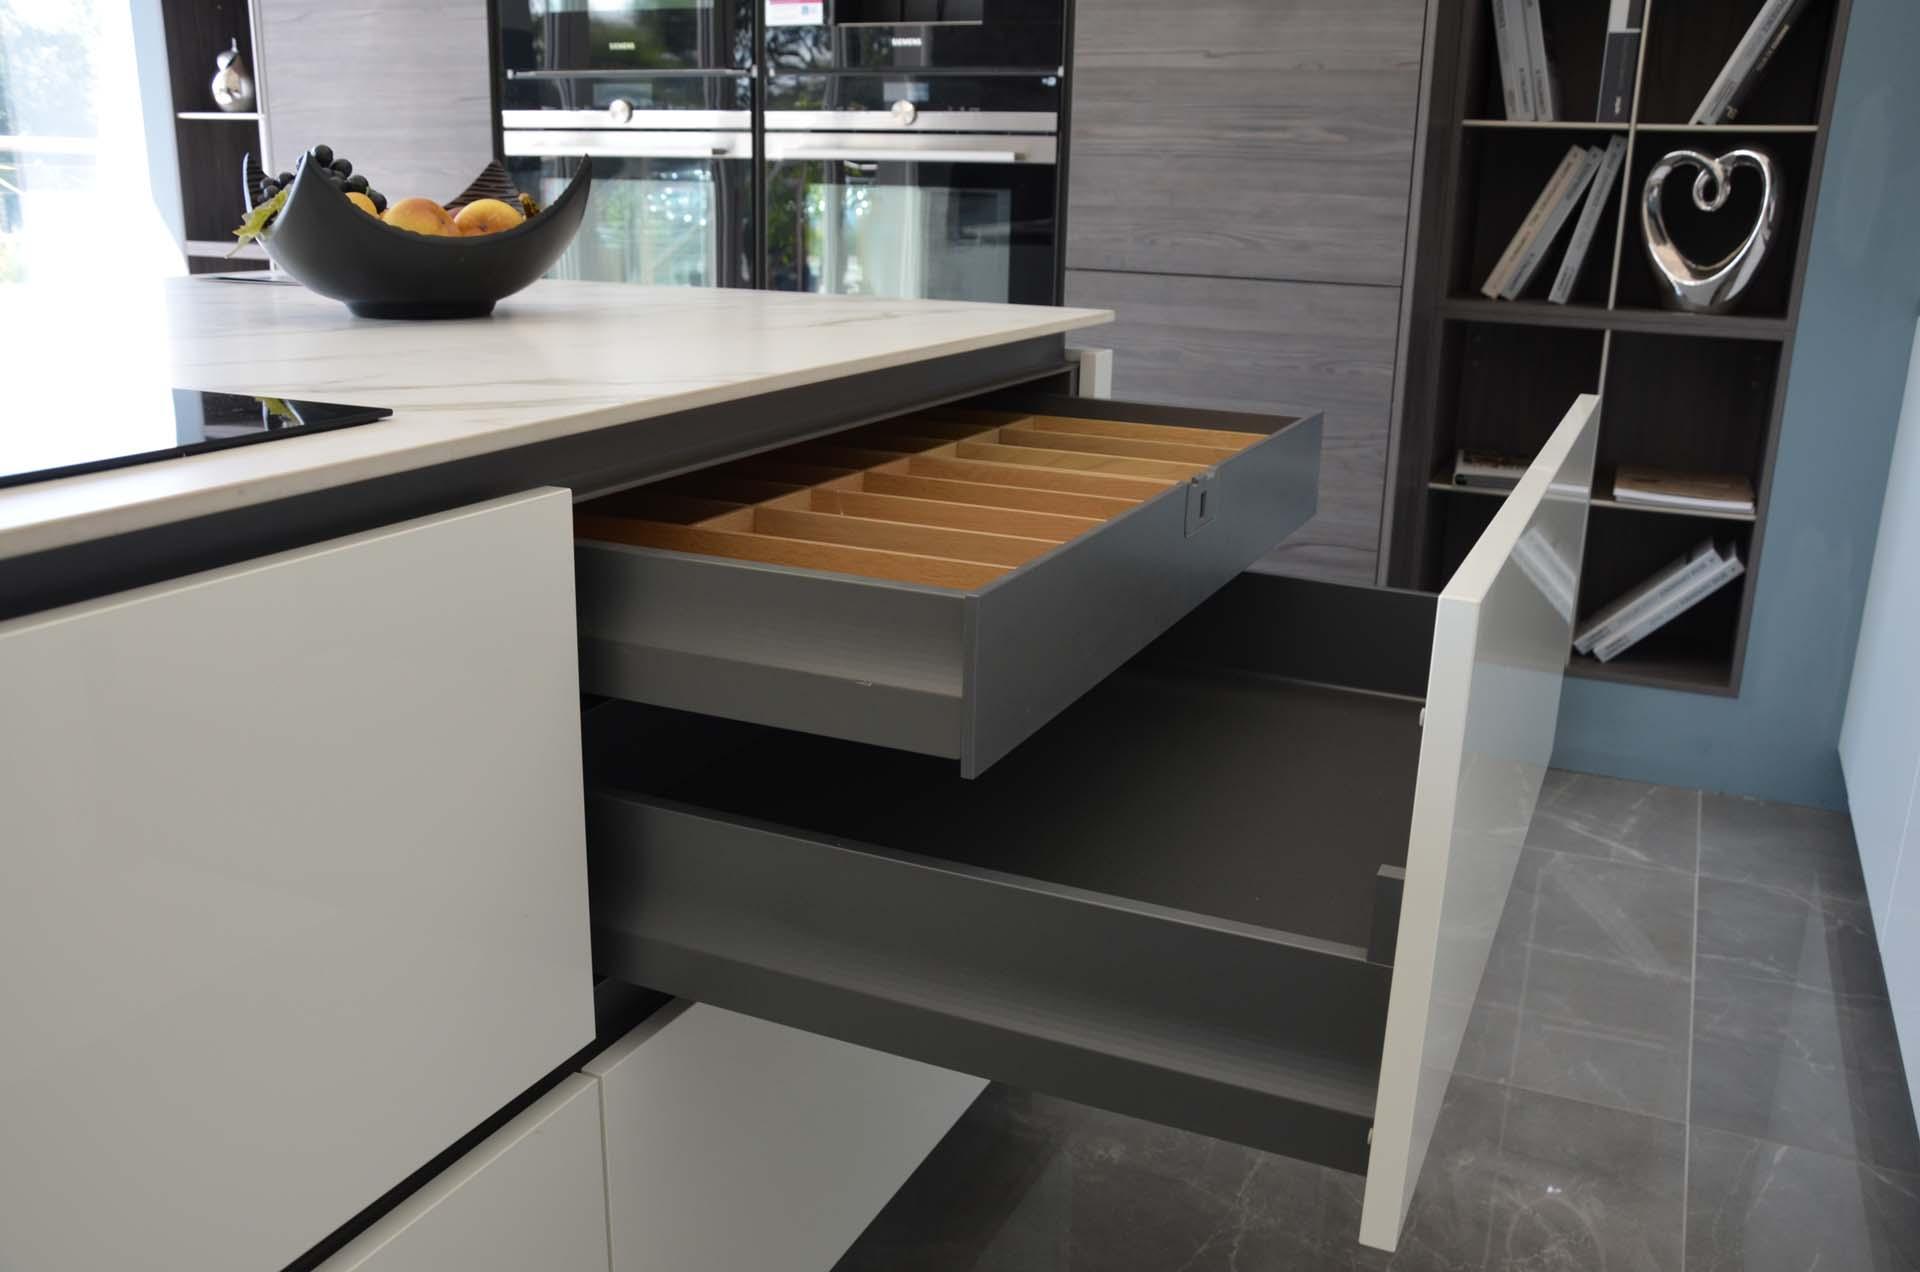 lbf-essex-kitchen-showroom-1-10.jpg